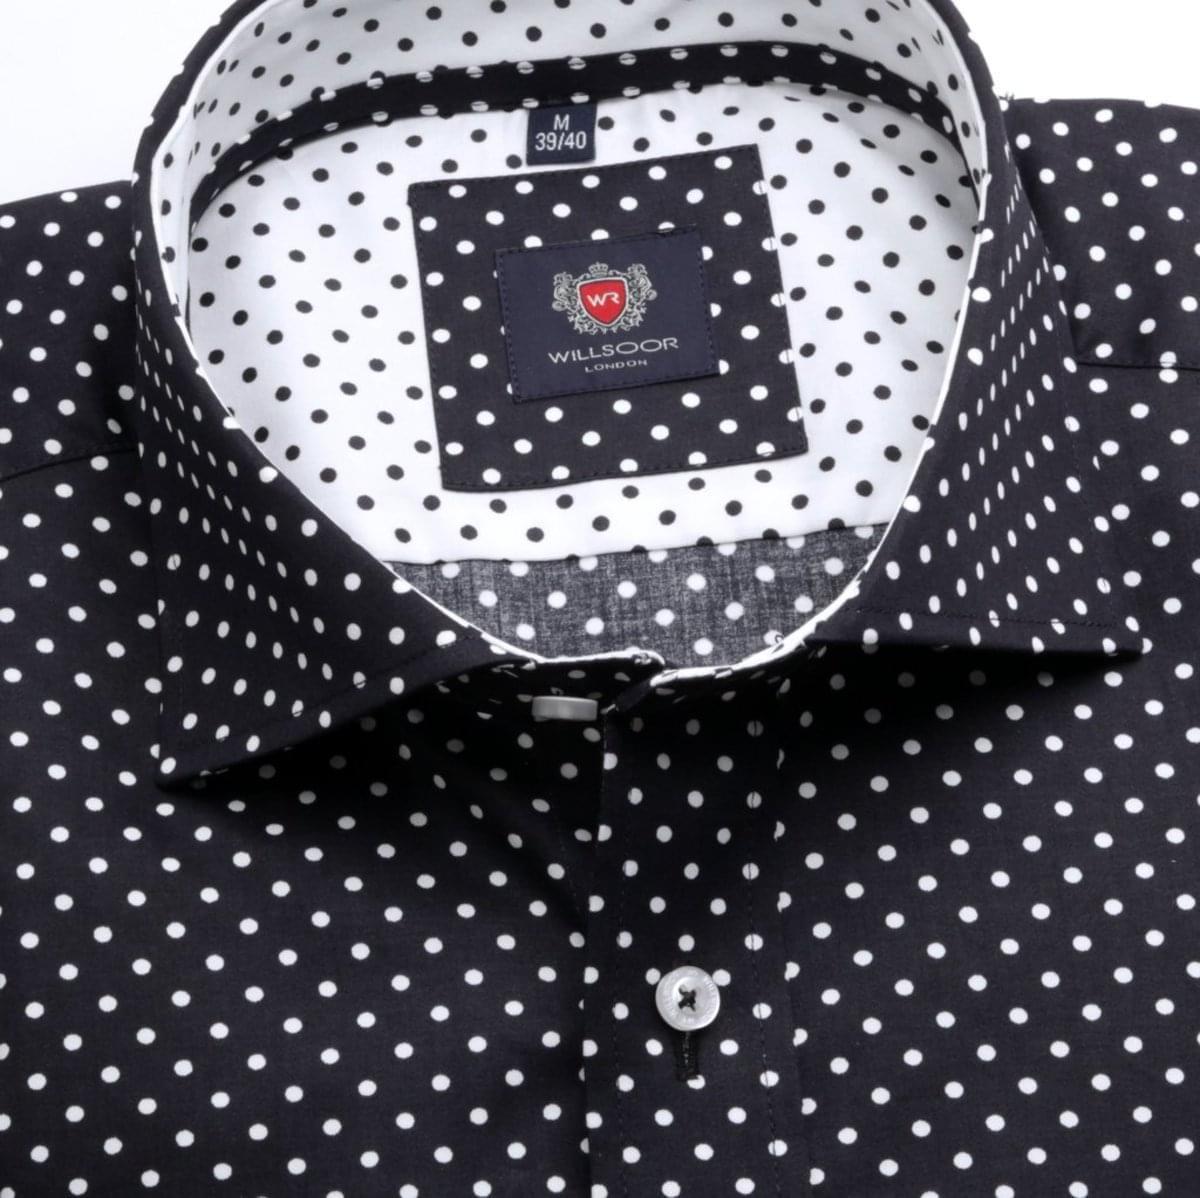 Pánská klasická košile London (výška 176-182) 6728 v černé barvě 176-182 / XL (43/44)